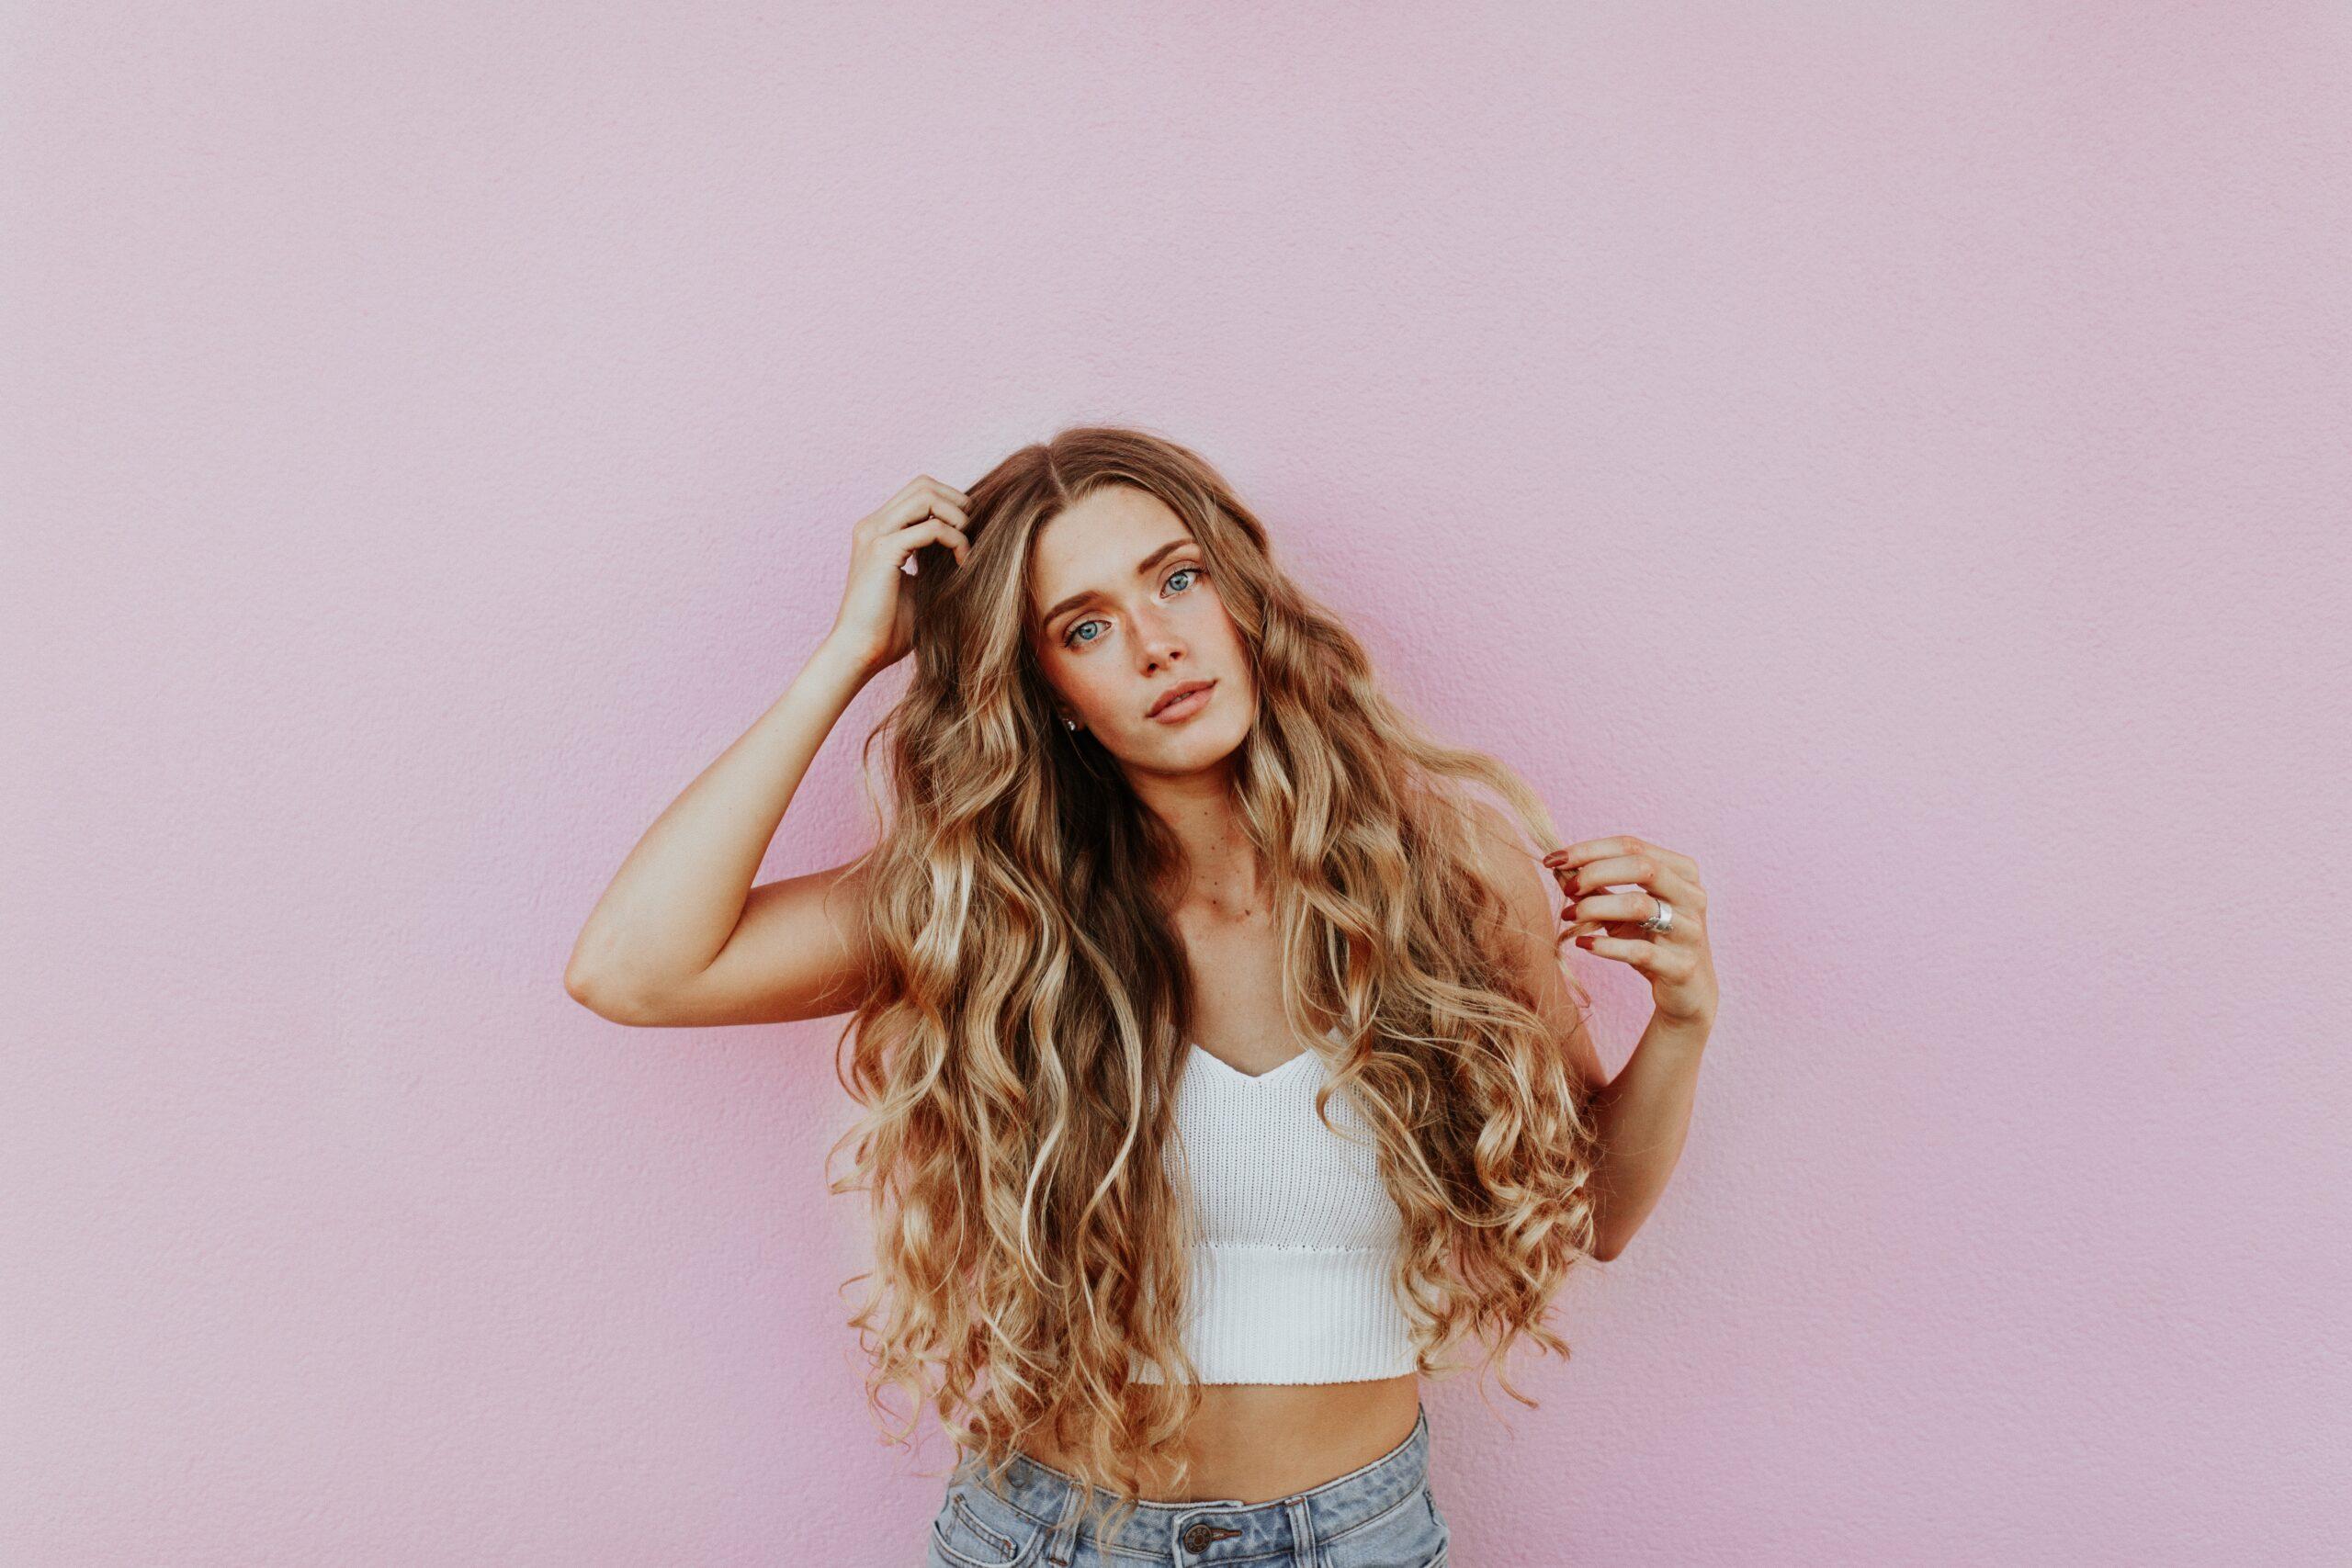 proteina de seda para el pelo rizado